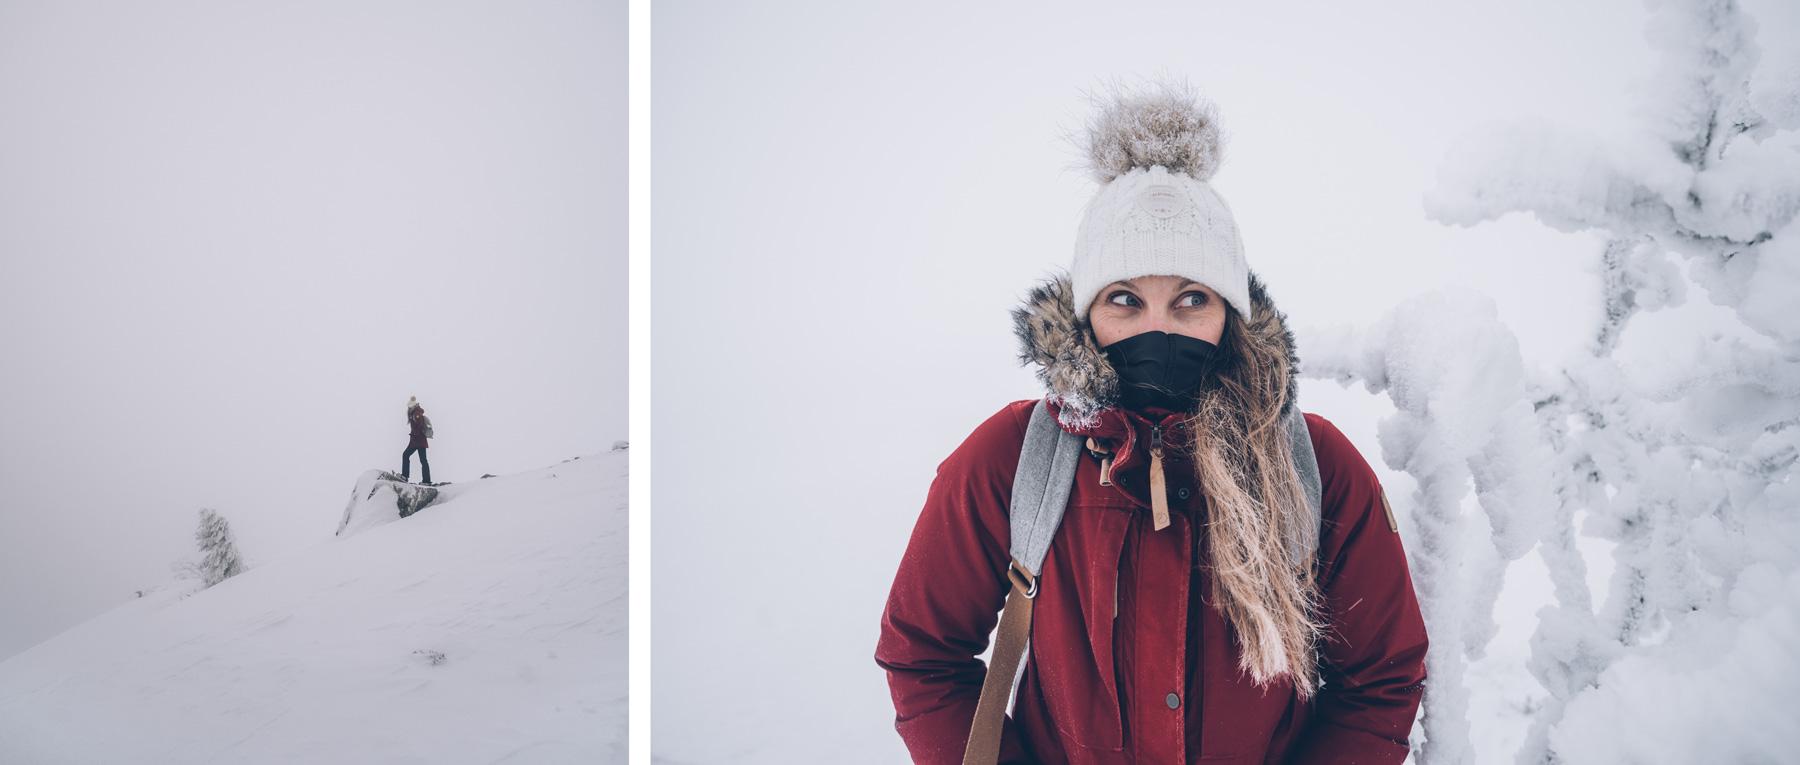 Les Vosges en hiver, Bestjobers